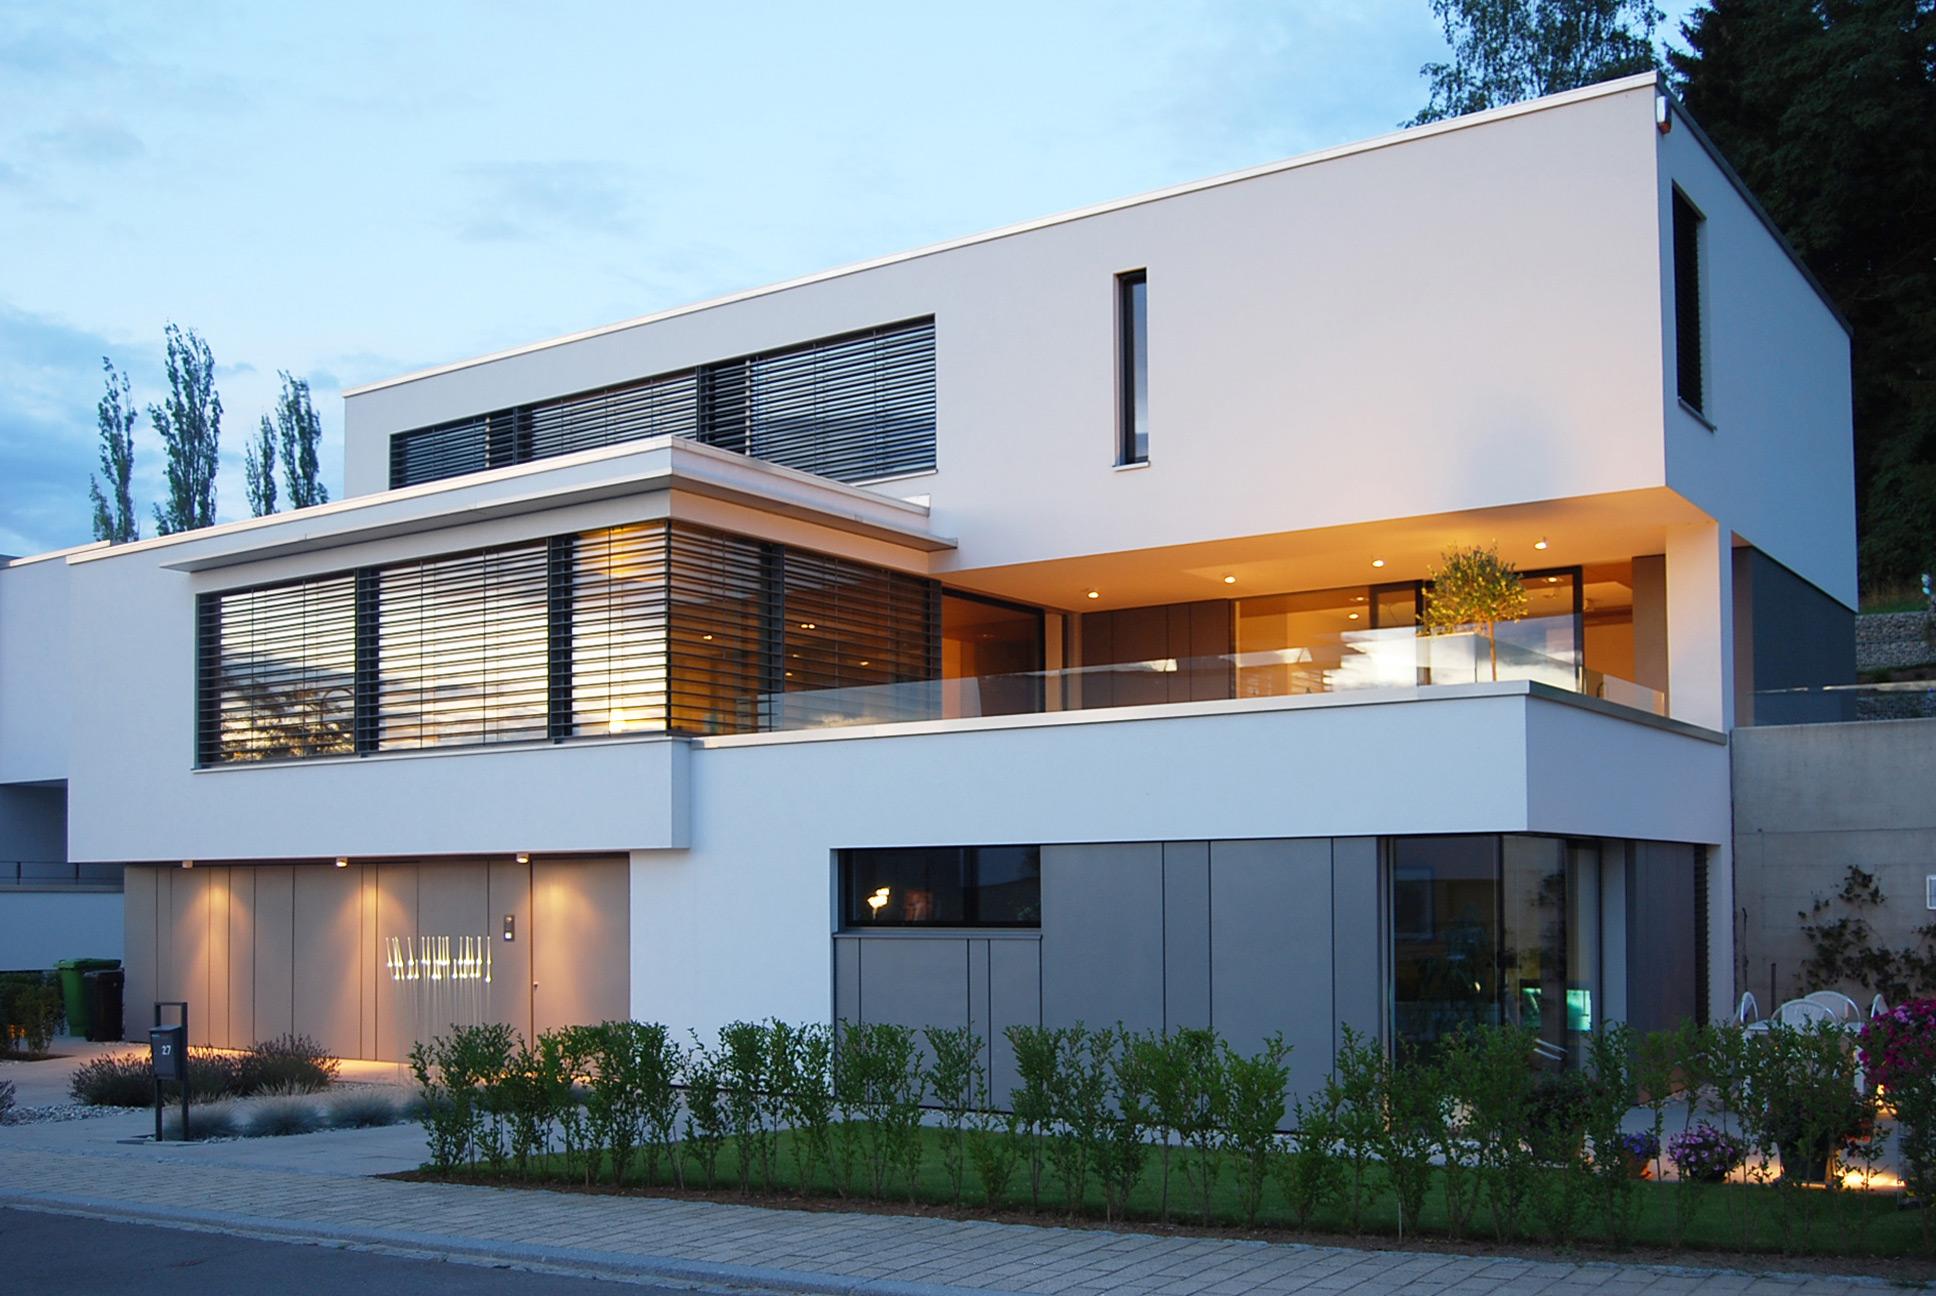 Maison unifamiliale avec appartement à Walferdange